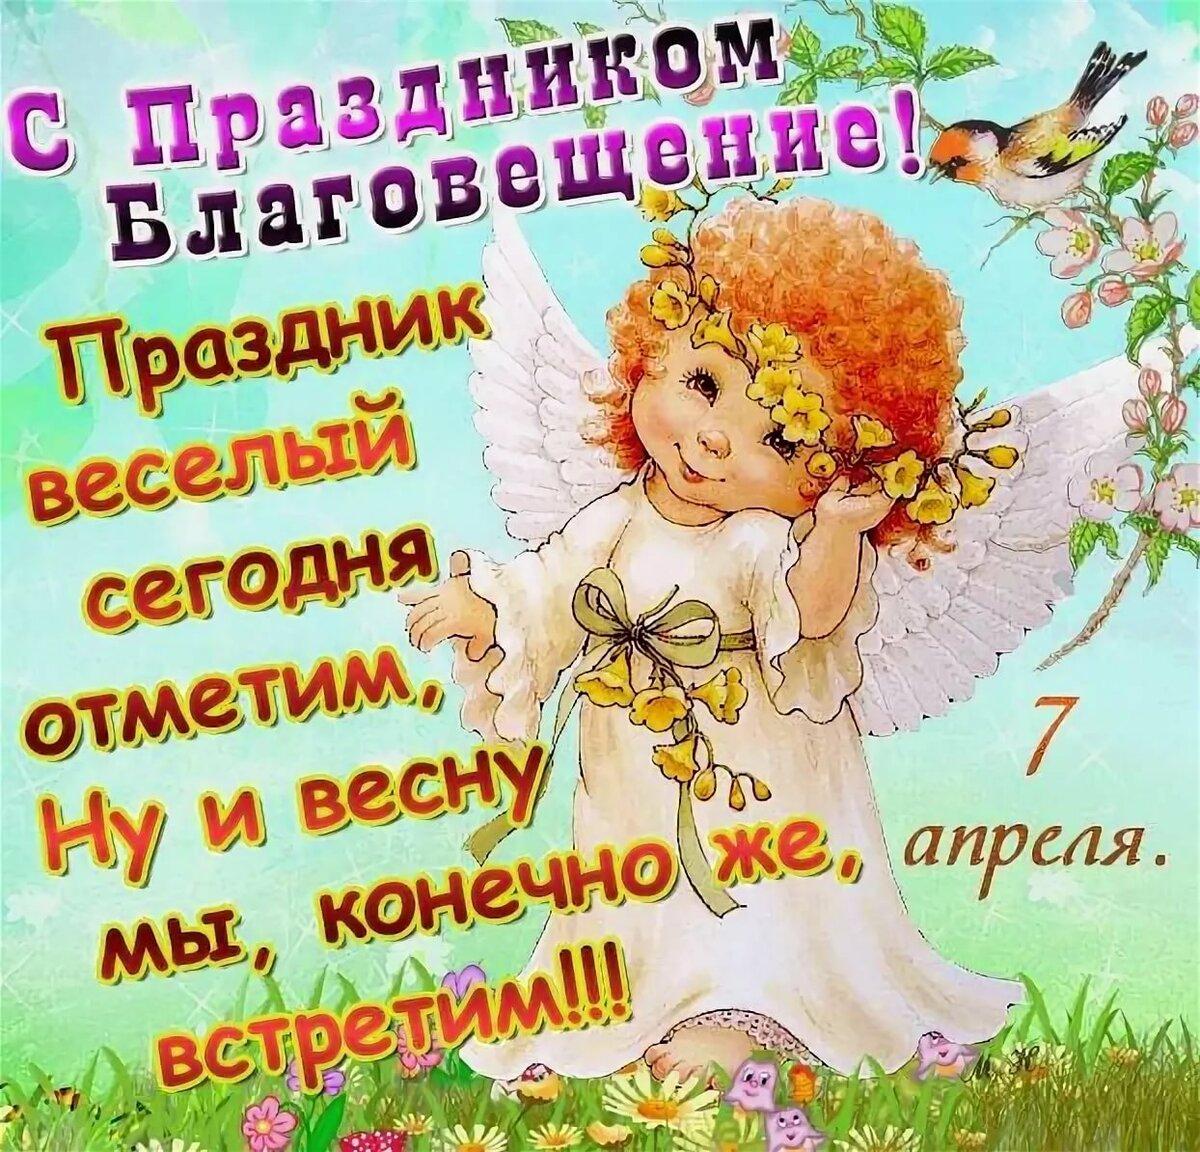 Фото с поздравлением с благовещением, картинка этой надписью